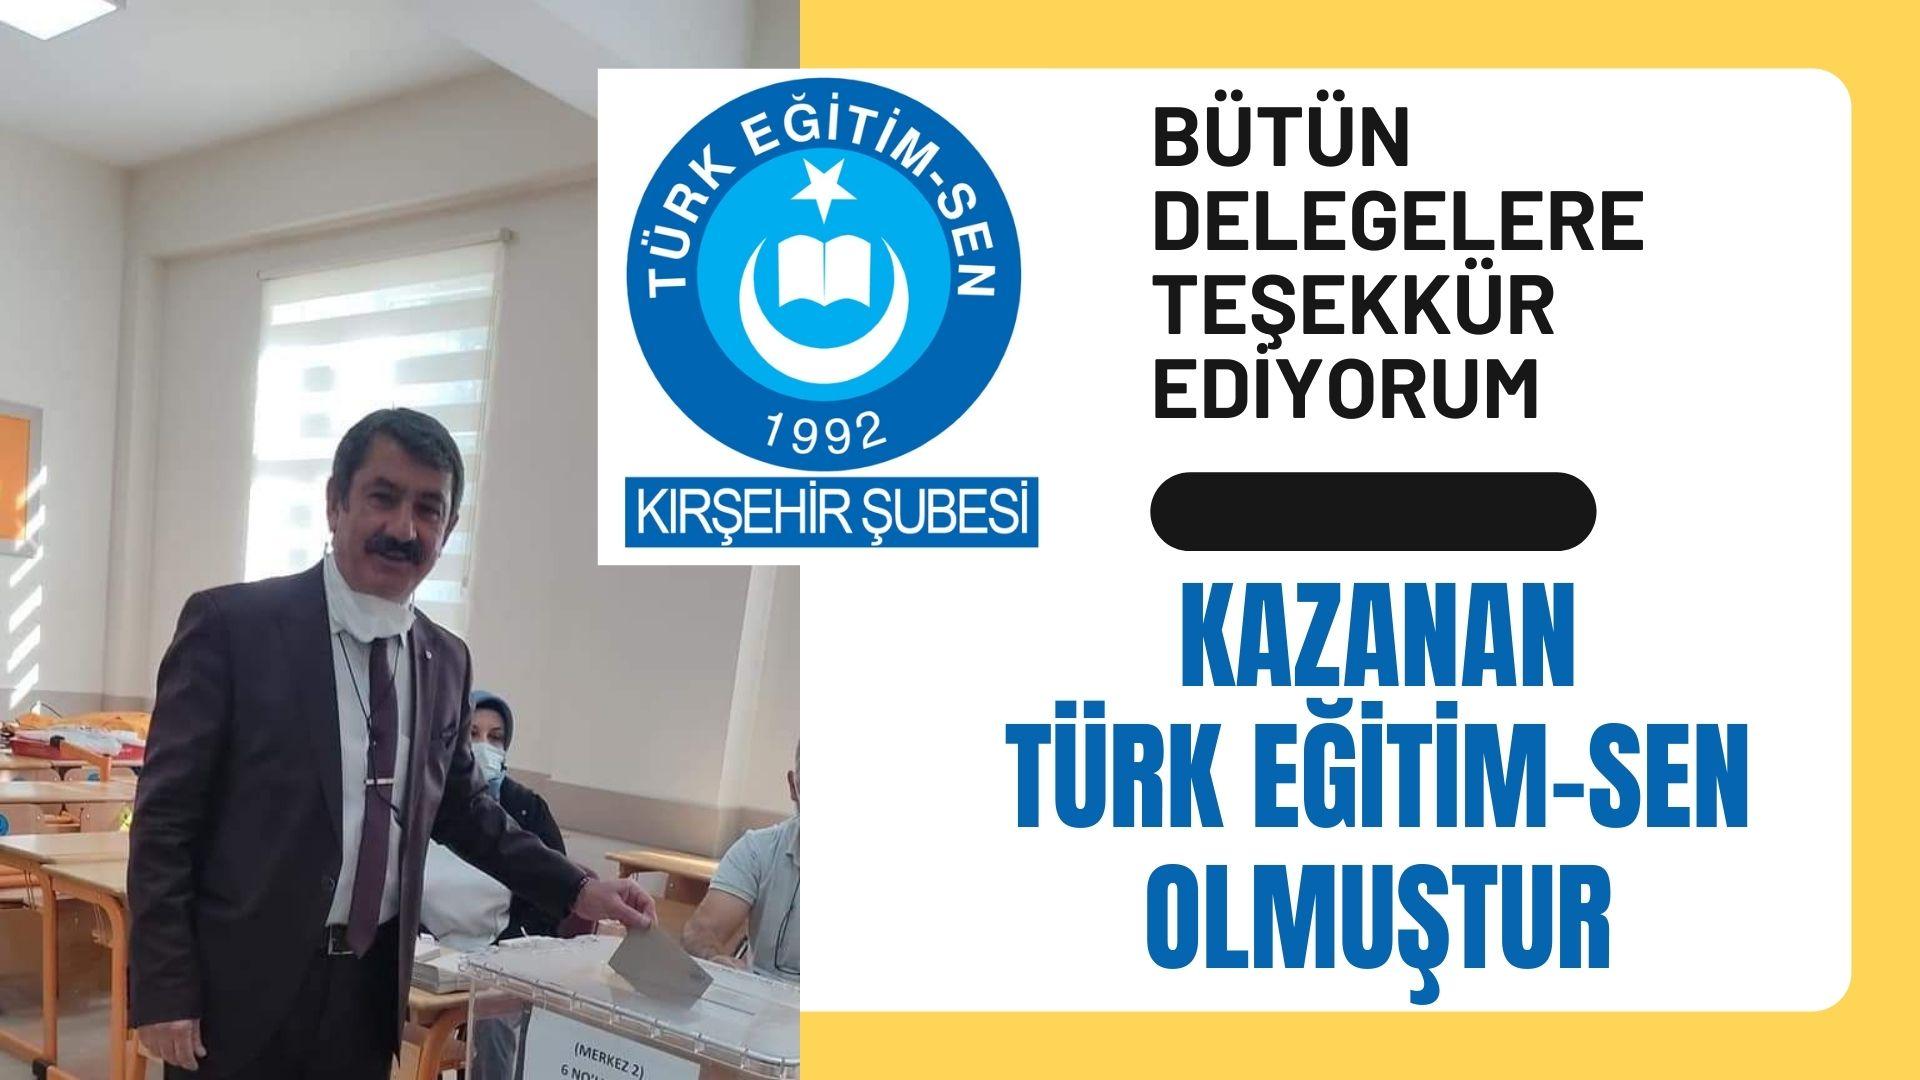 Türk-Eğitim-Sen Başkanı Pakel:Kazanan Türk Eğitim-Sen olmuştur